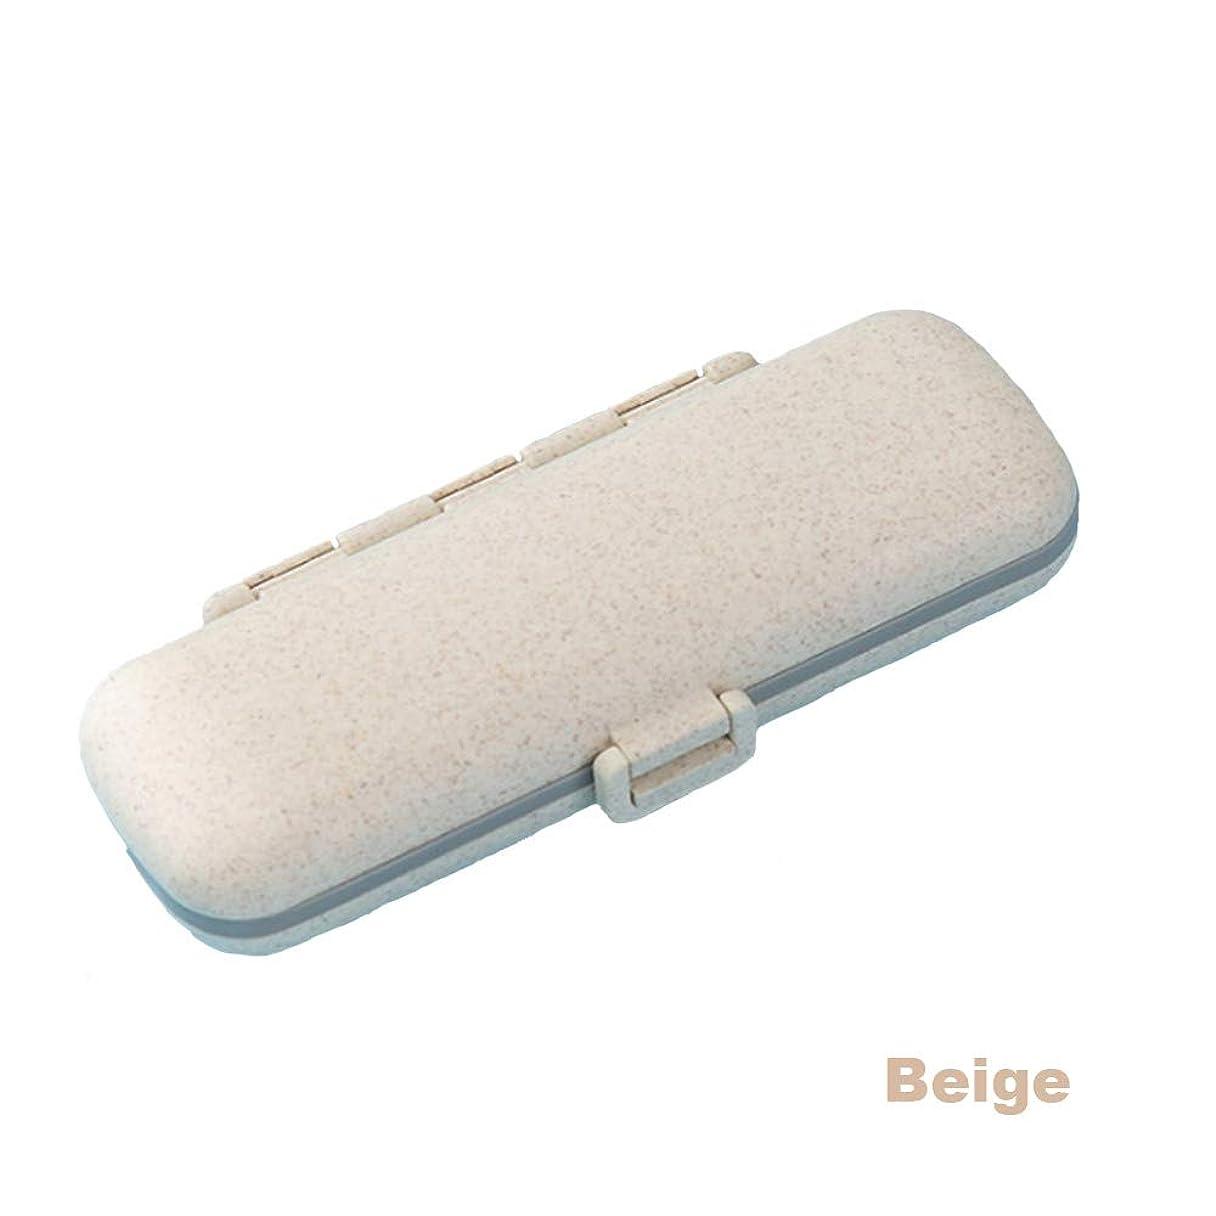 セイはさておき立派な急降下ポータブル小さなピルボックス一週間旅行ポータブルピルピル調剤ピルボックス食品グレード材料防湿アンチアッシュ便利なポータブル